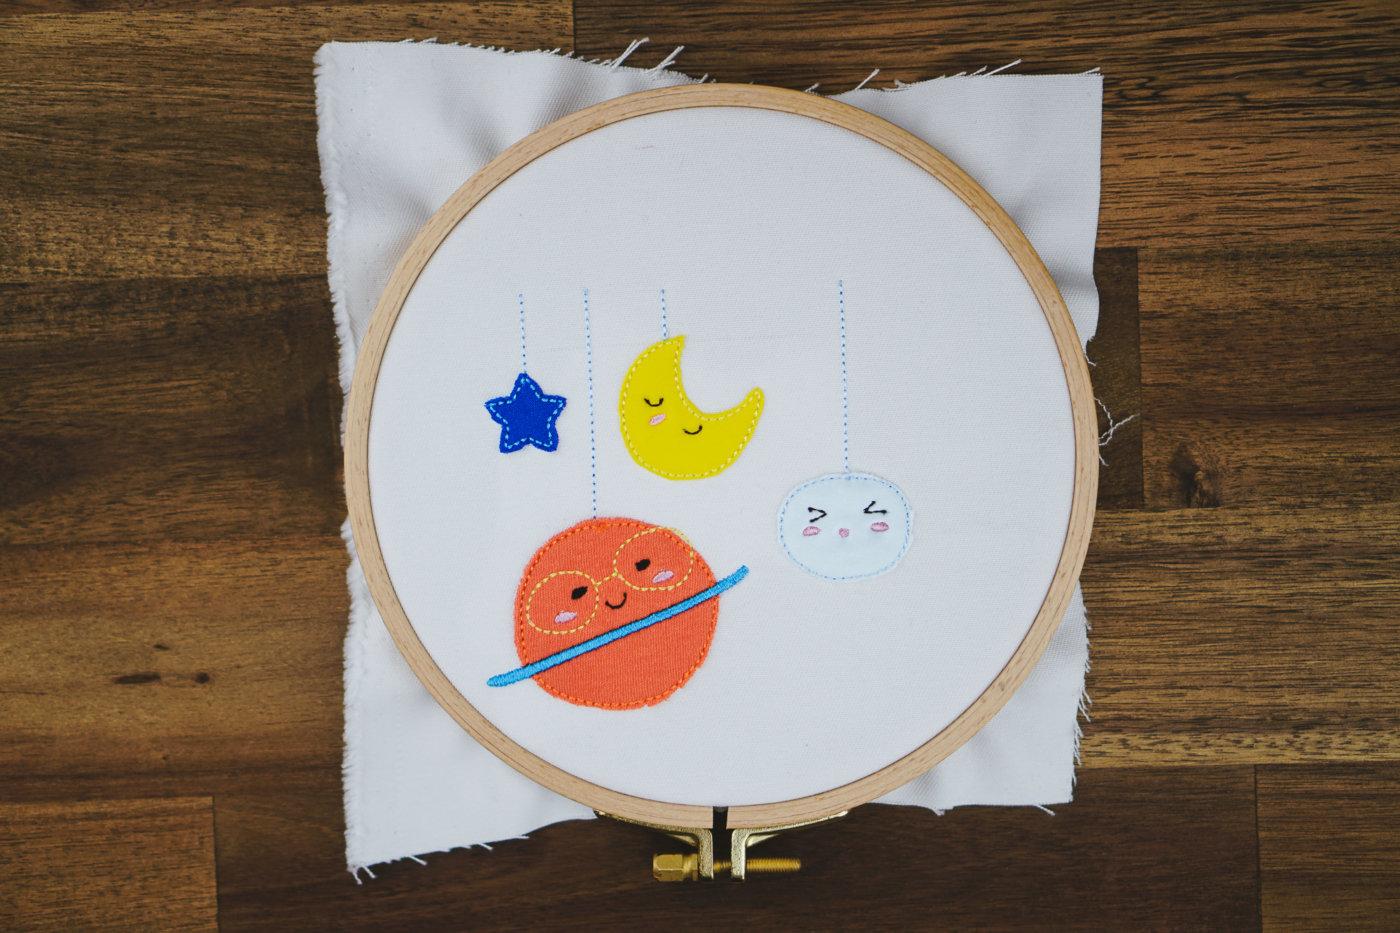 Stickdatei Planeten / Kosmos / Mond / Sterne  Planet Applique »Sonne, Mond & Sterne« 🌝 (4x) stickdatei planeten kosmos astronaut 01 1400x933